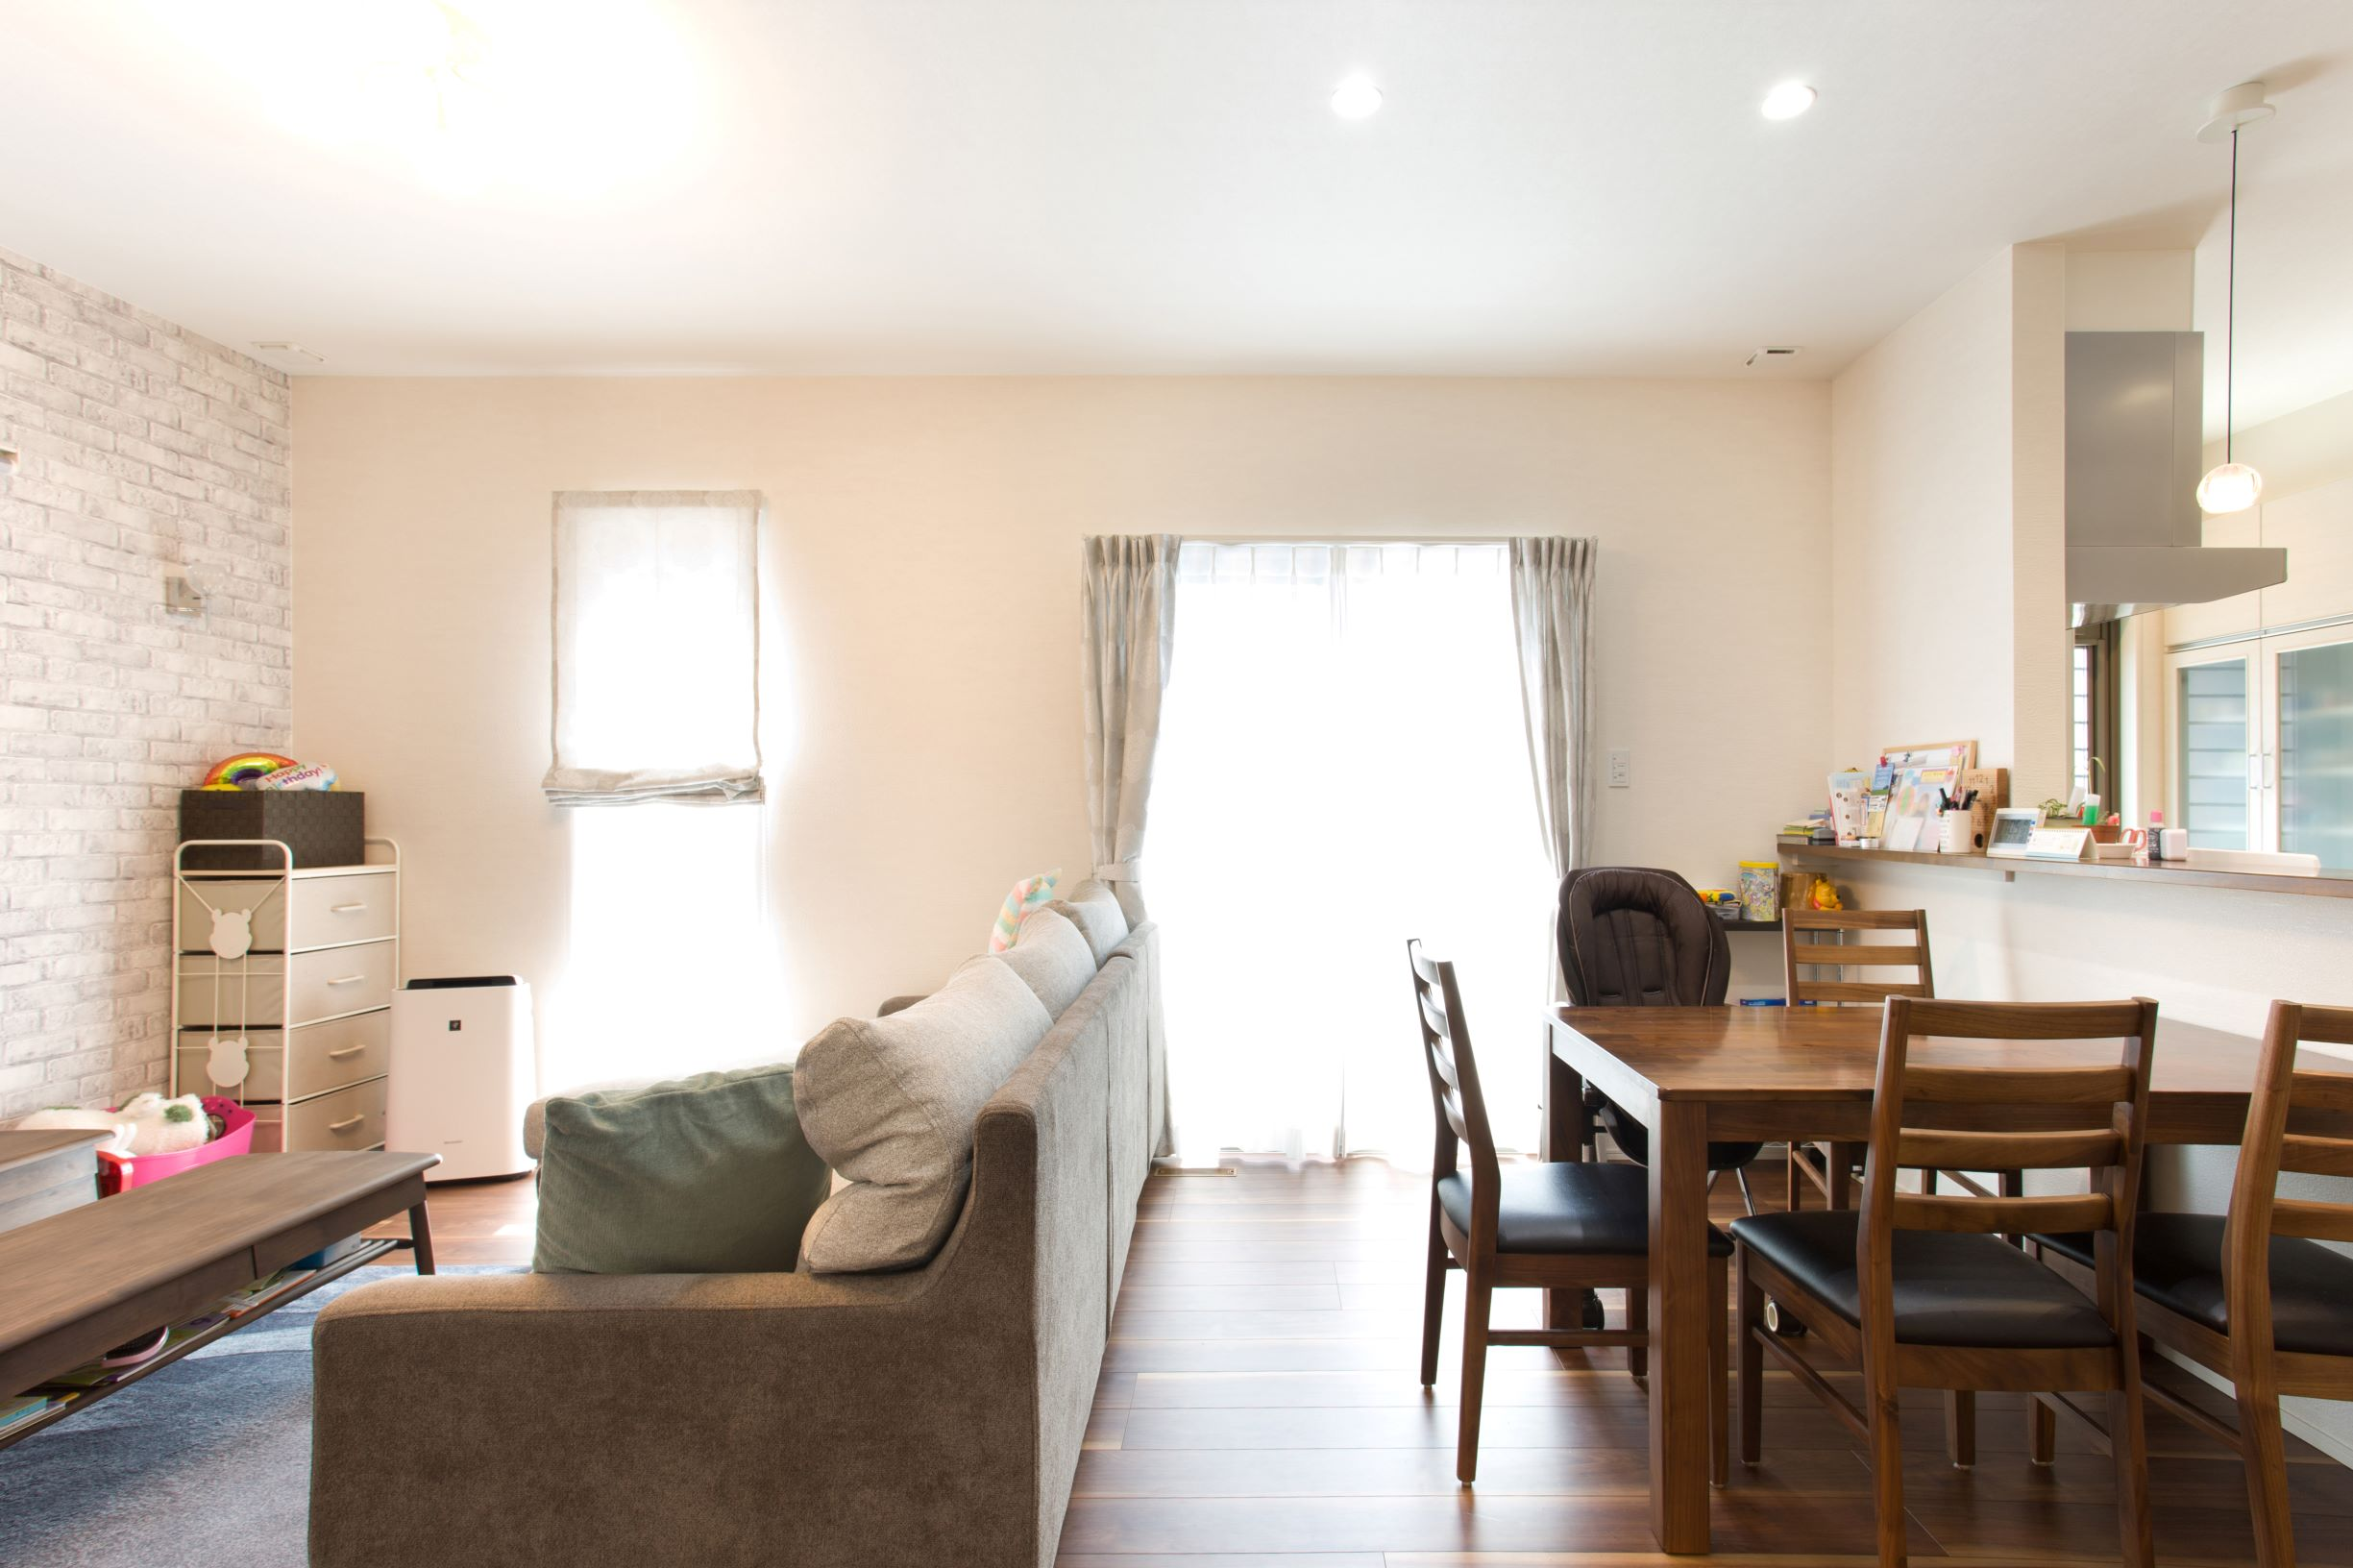 【家事らく × 収納充実】家事も子育てもしやすいオープンLDKの家「ぐるりと回れる動線が便利です」